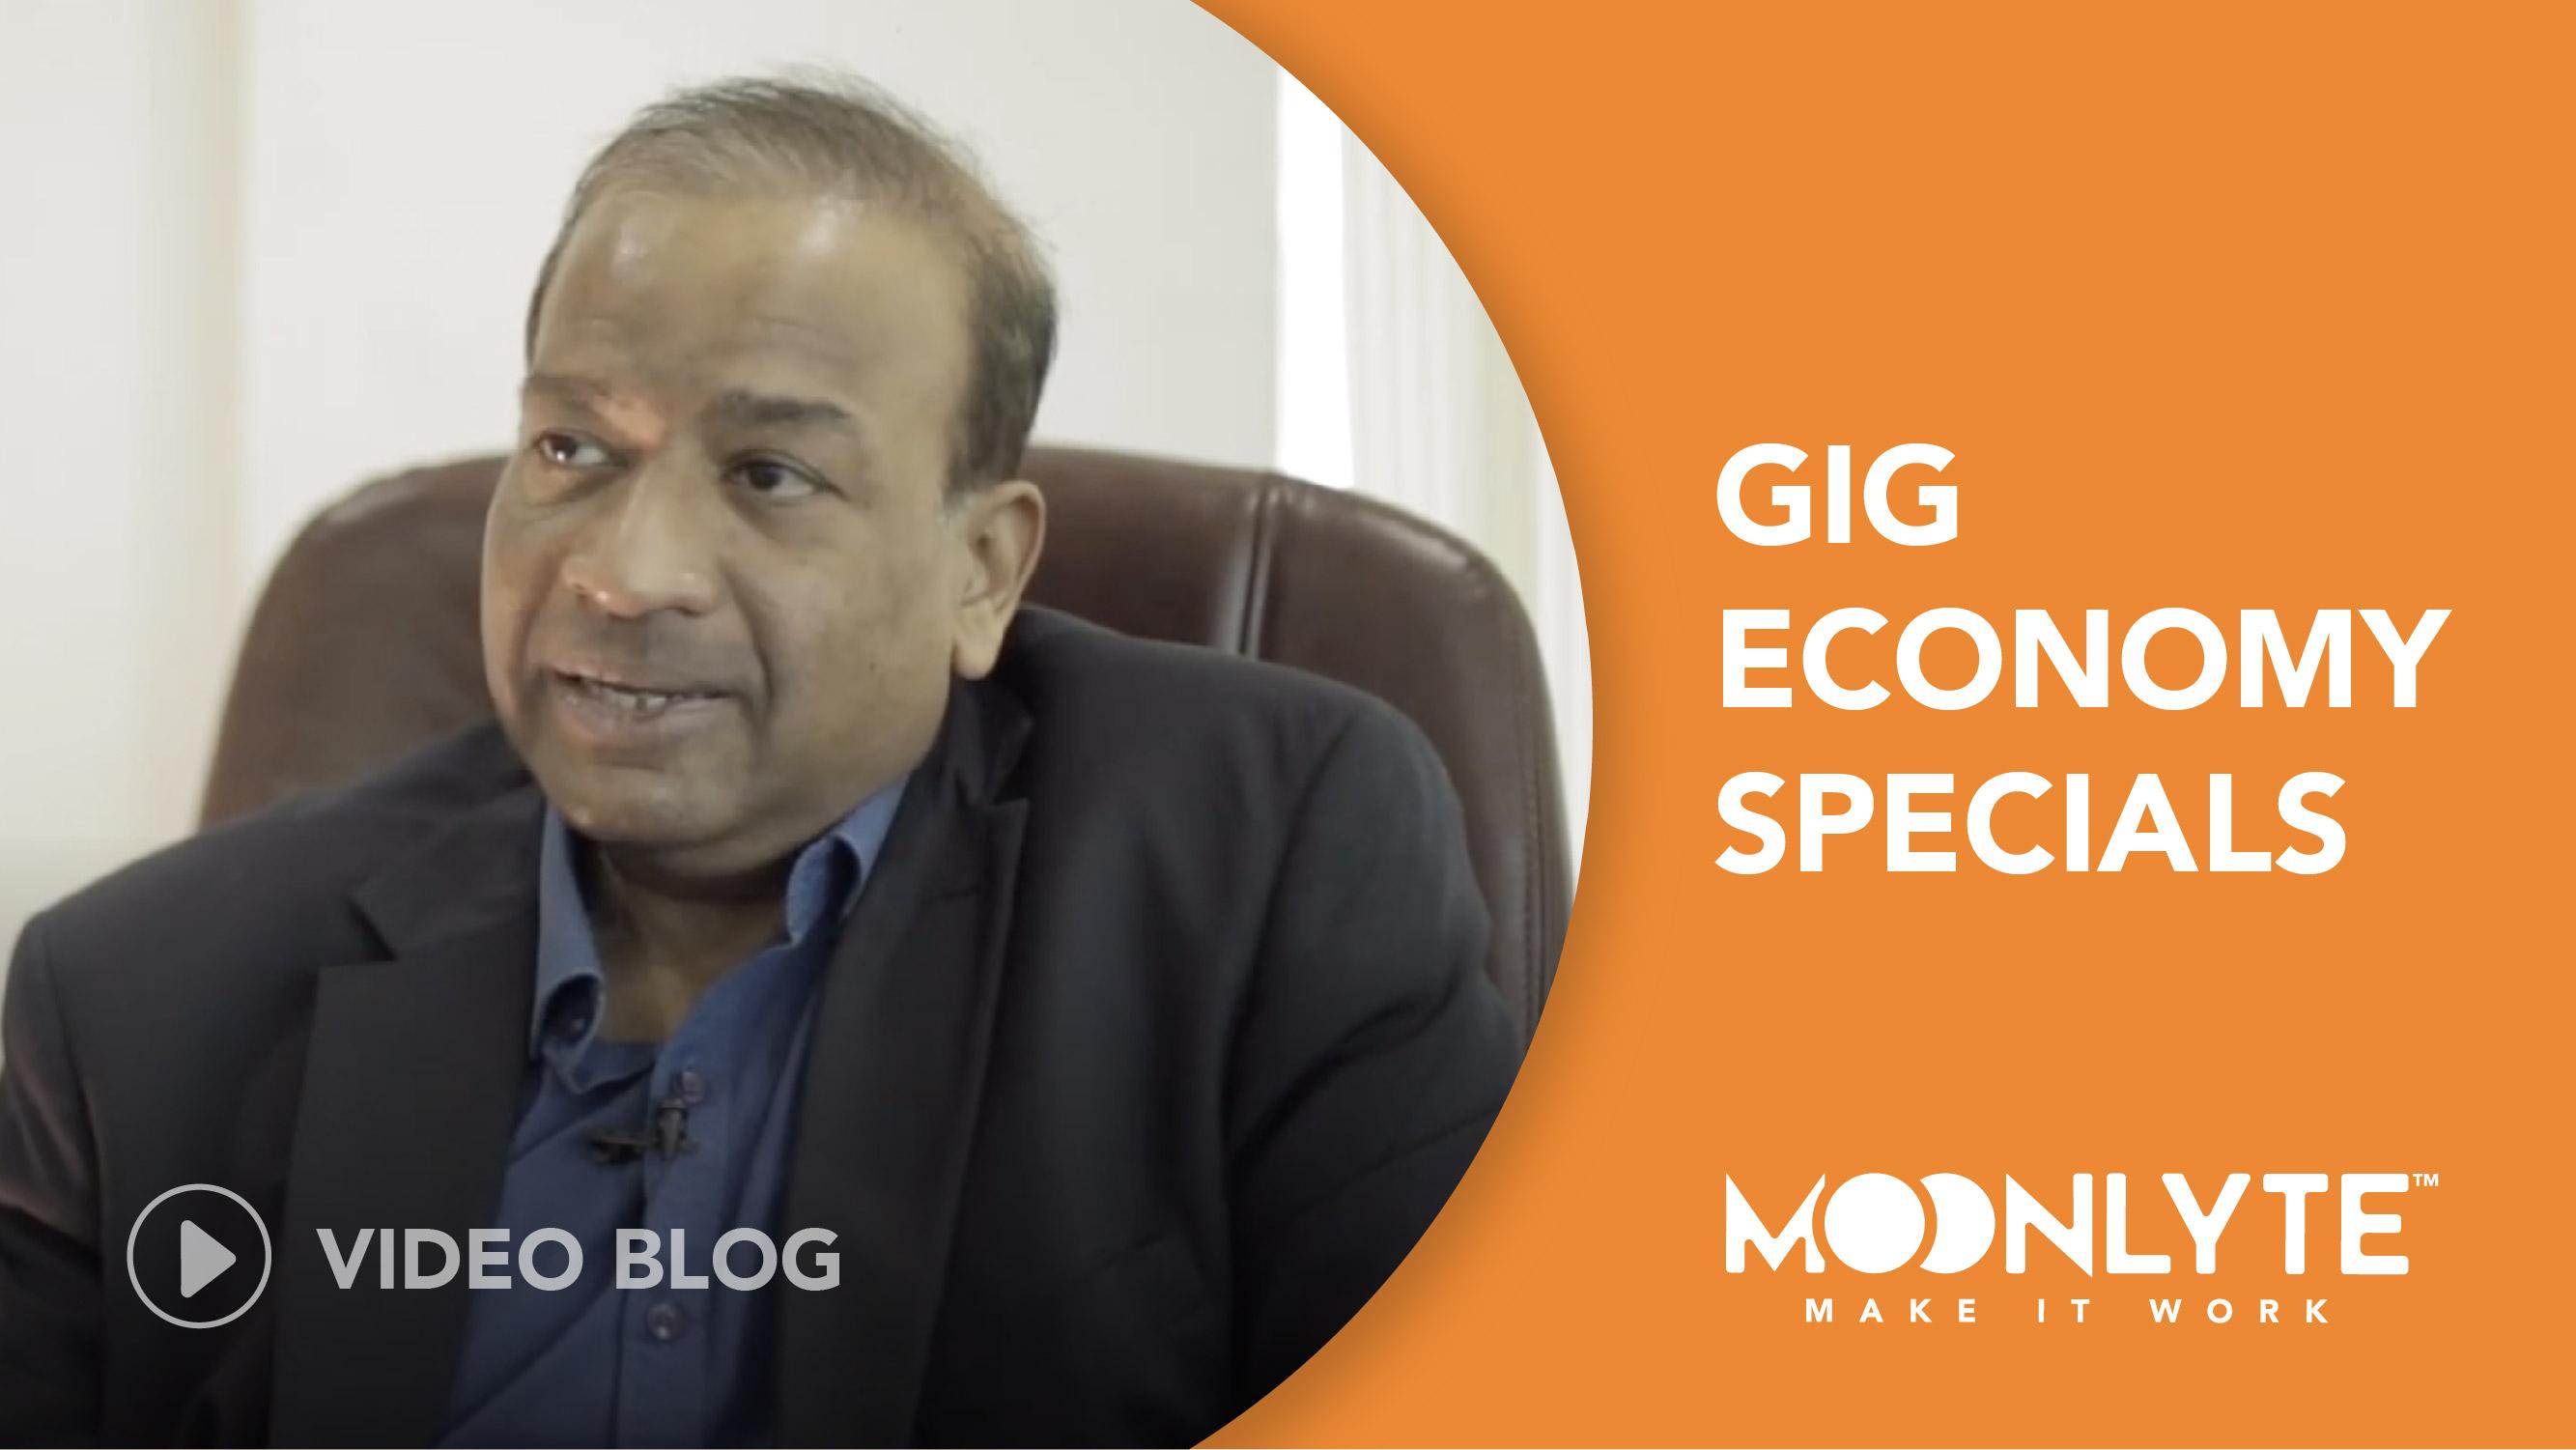 Lloyd Mathias - Gig Economy Specials